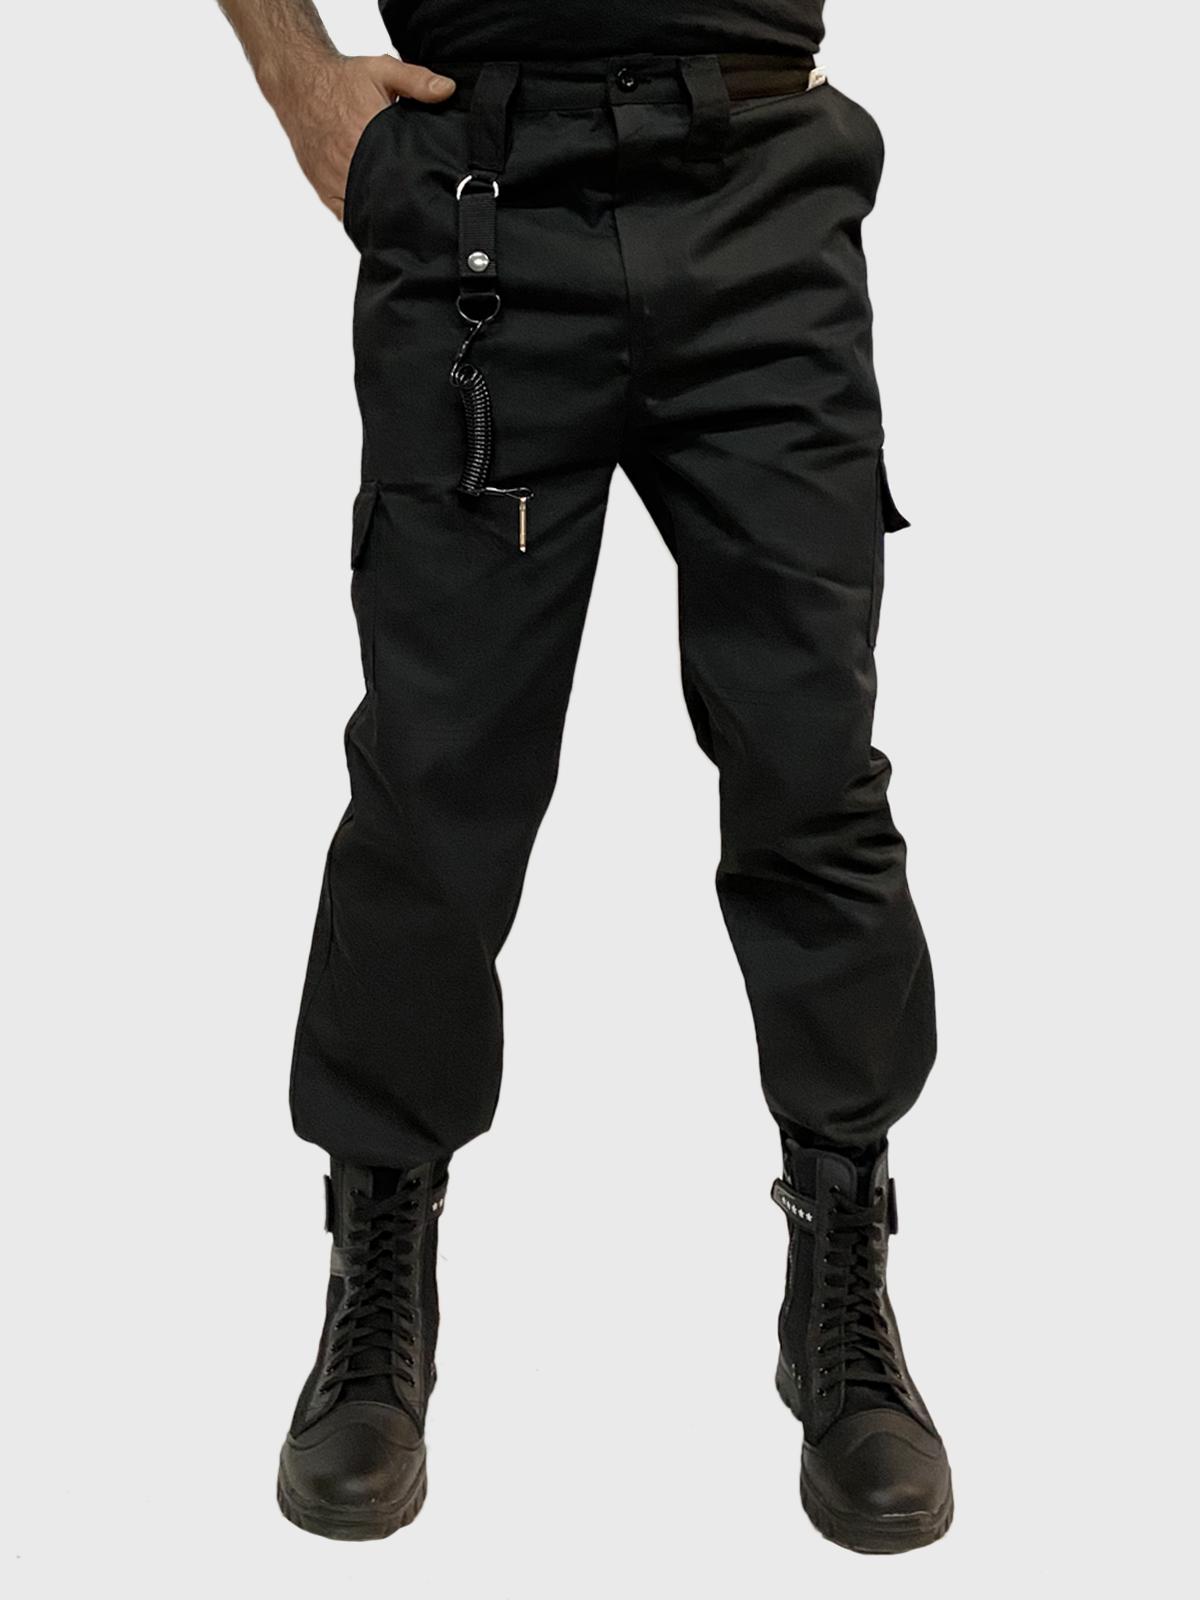 Мужские штаны армейского фасона с карманами